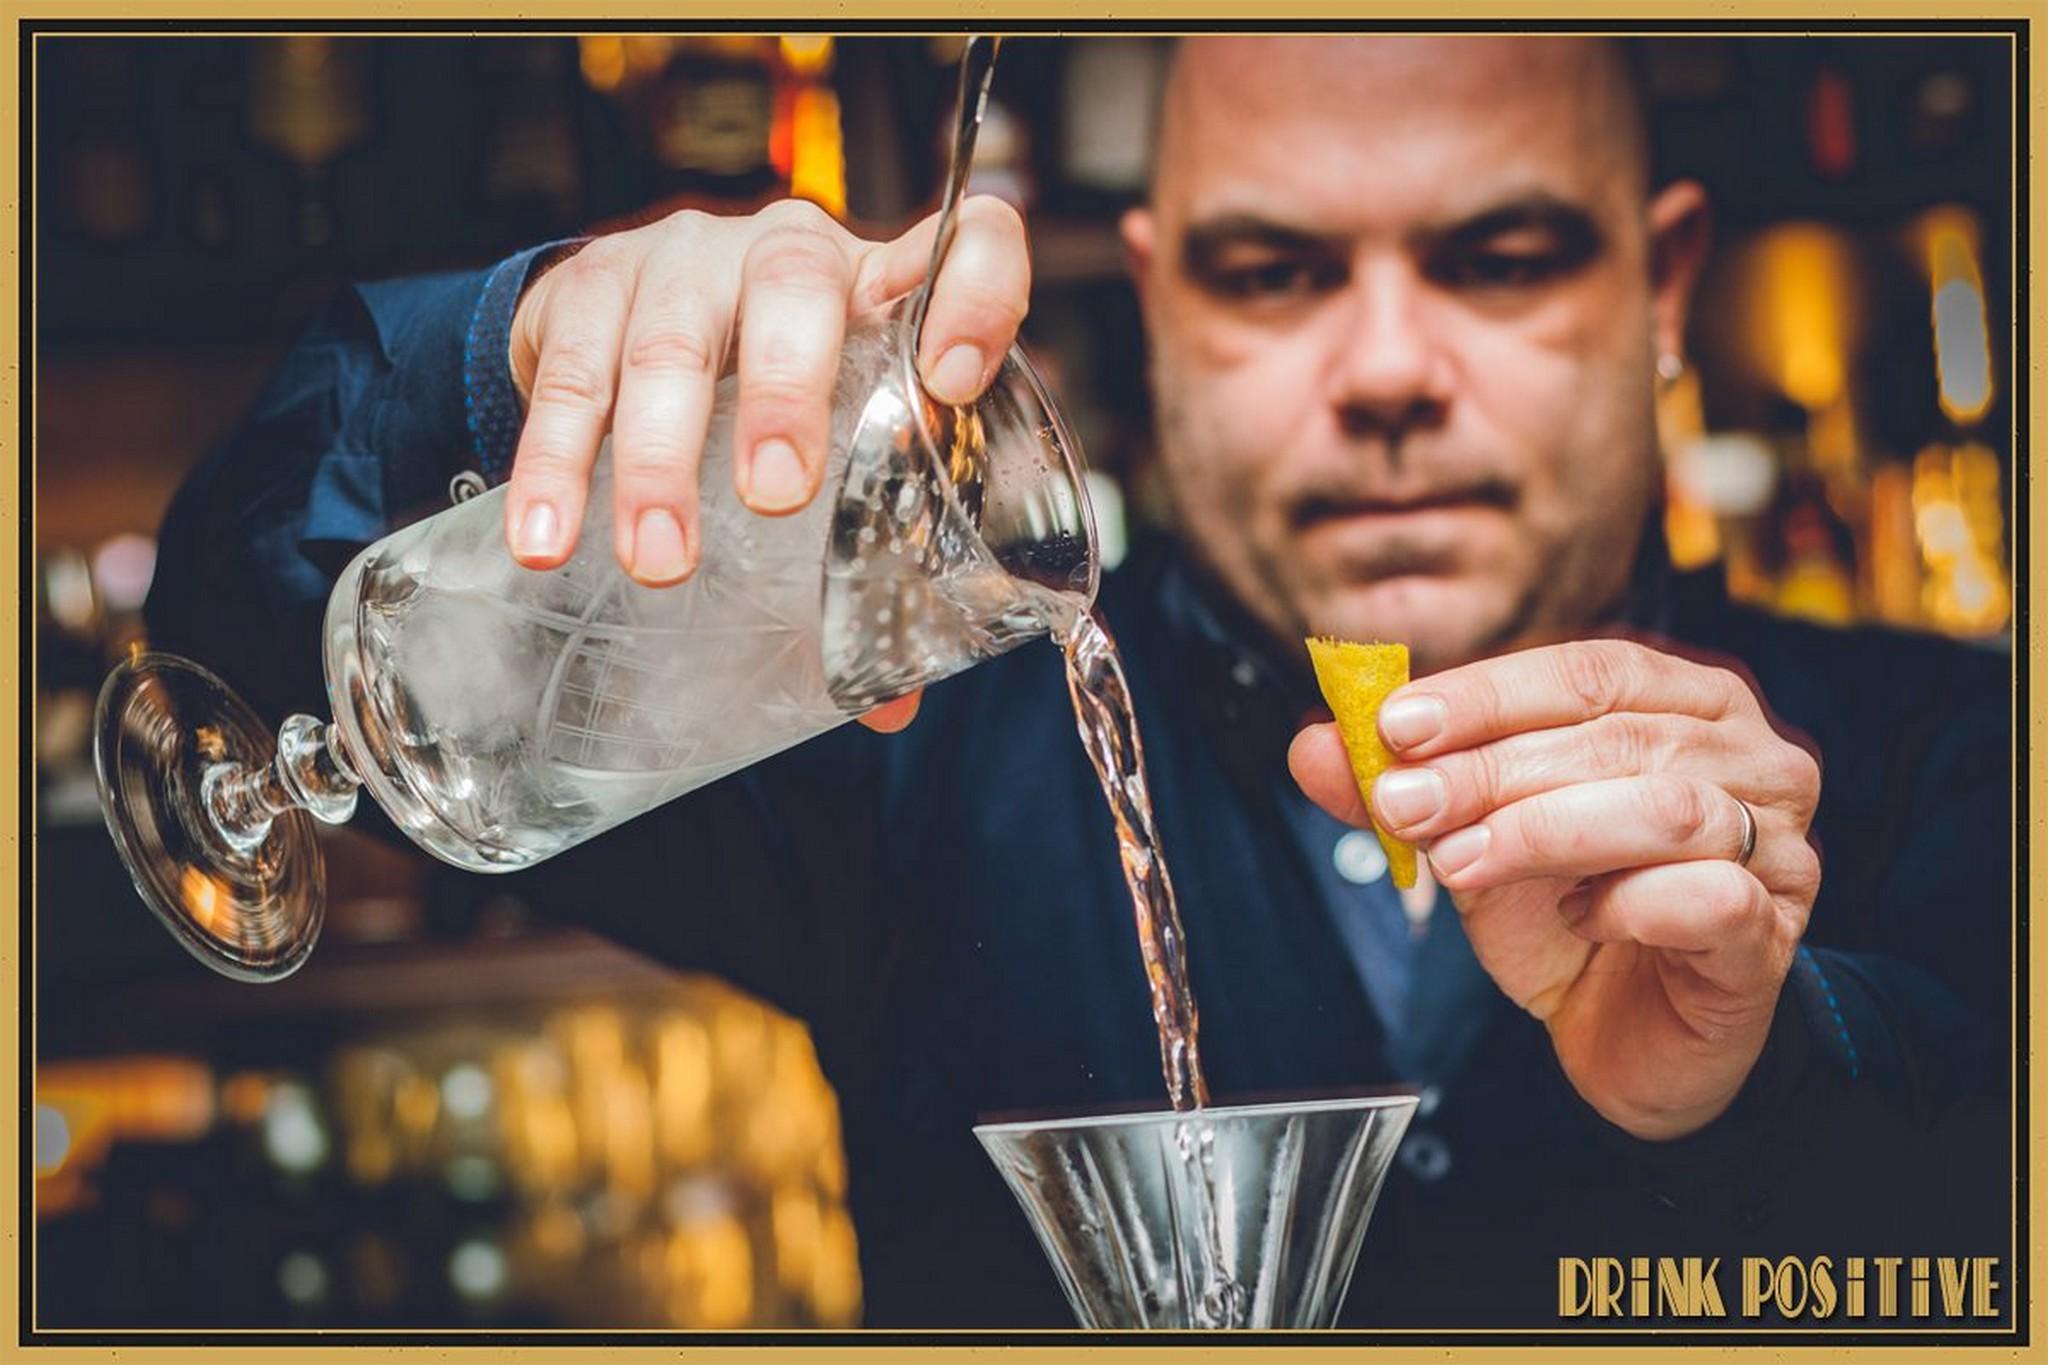 fabio_camboni_Gaeta_Drink_Positive_consulenze__apertura_locali_corsi_barman_071